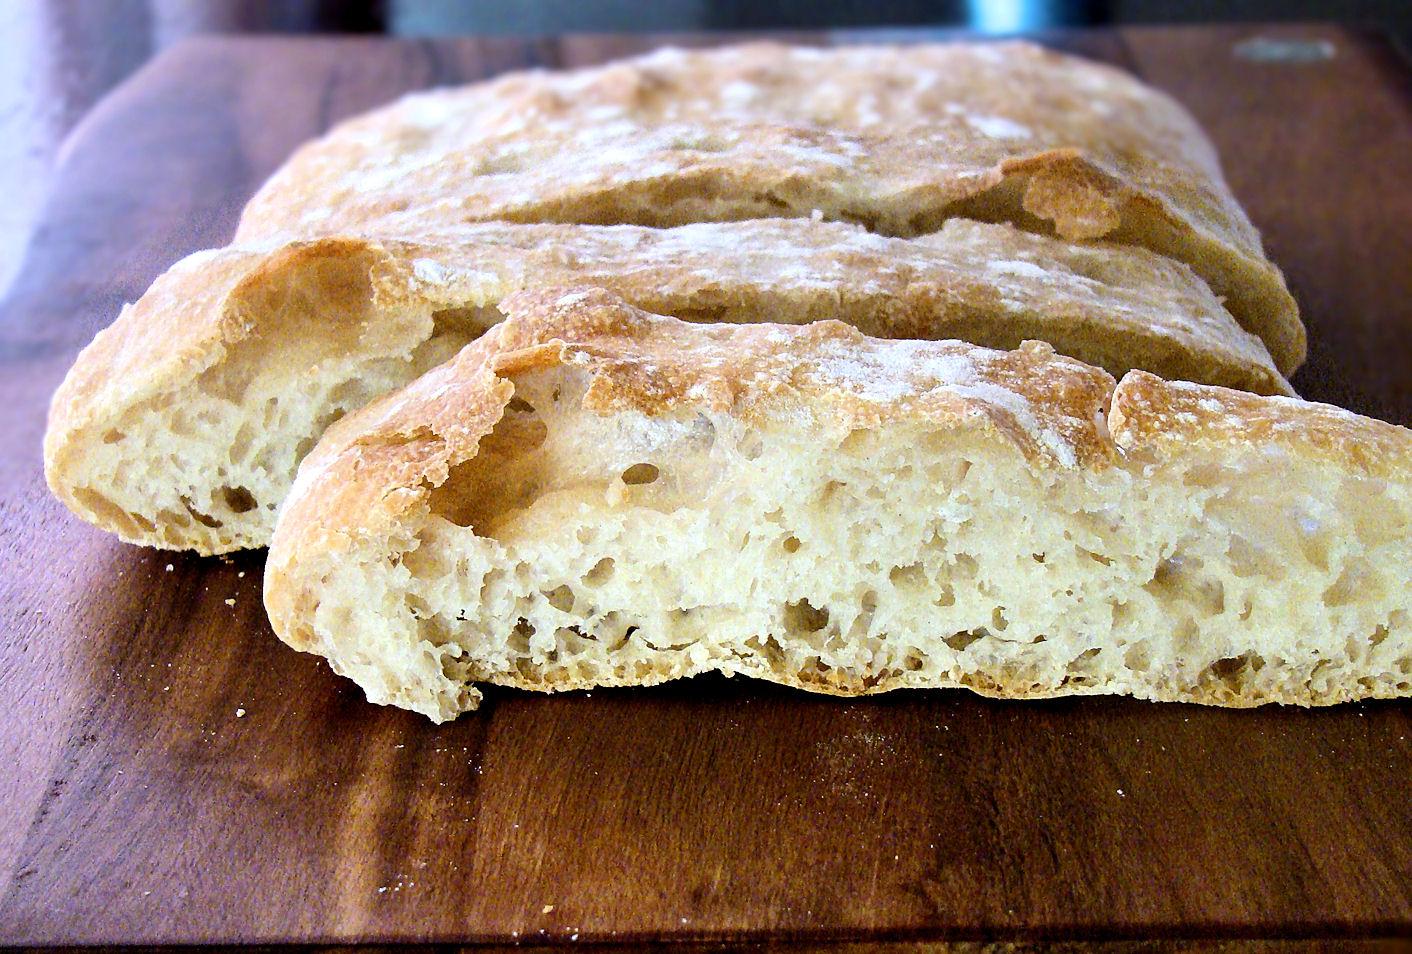 La Petite Brioche: Ciabatta bread